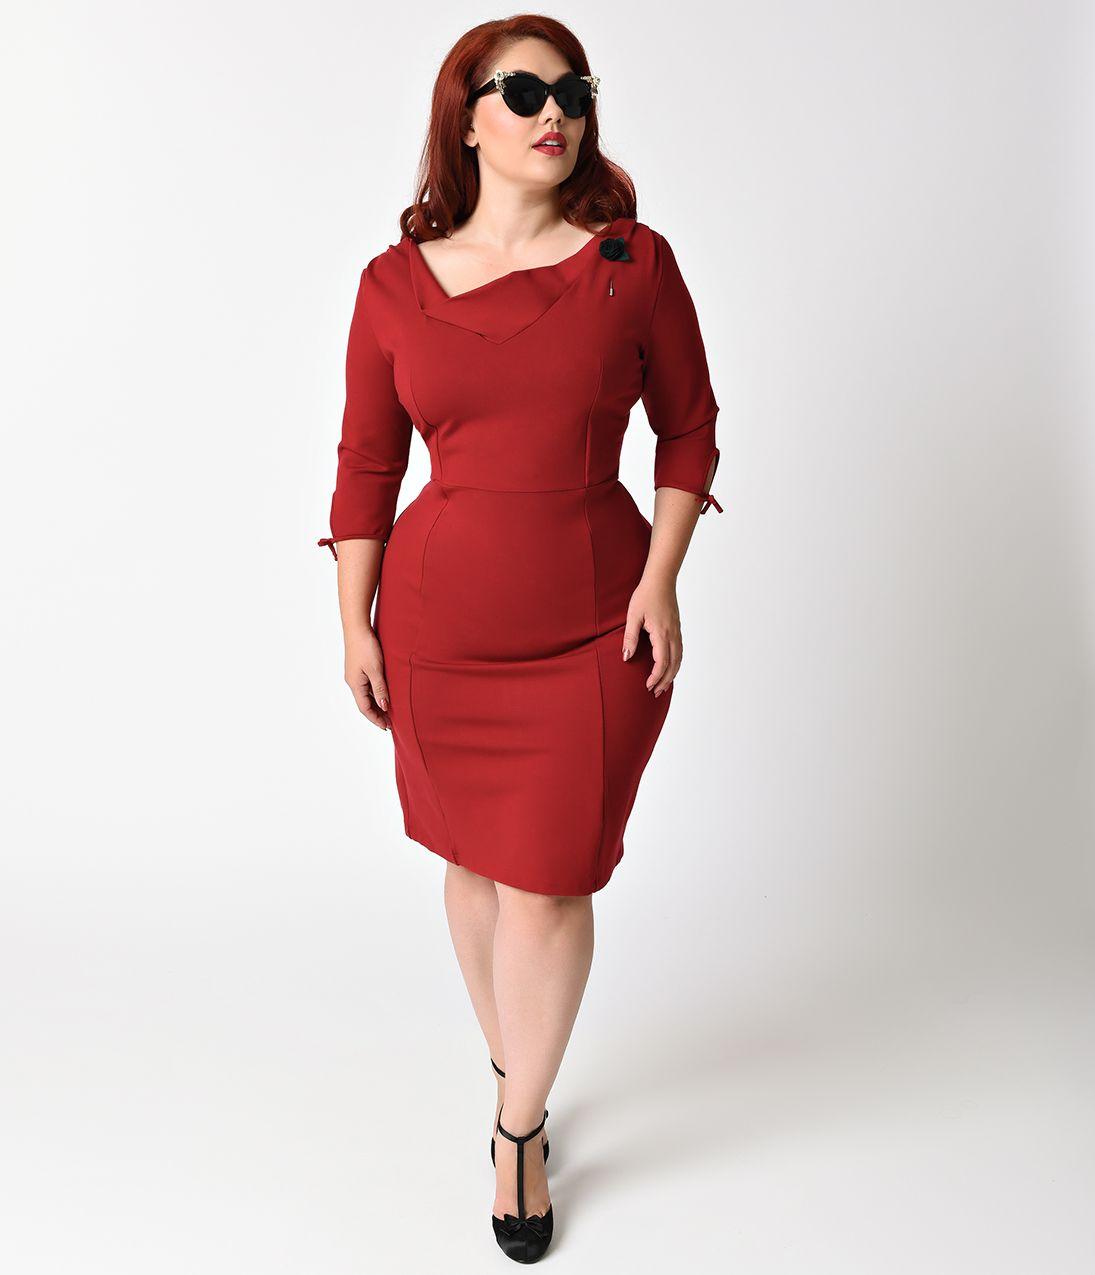 S plus size dresses clothing unique vintage mod fashion and